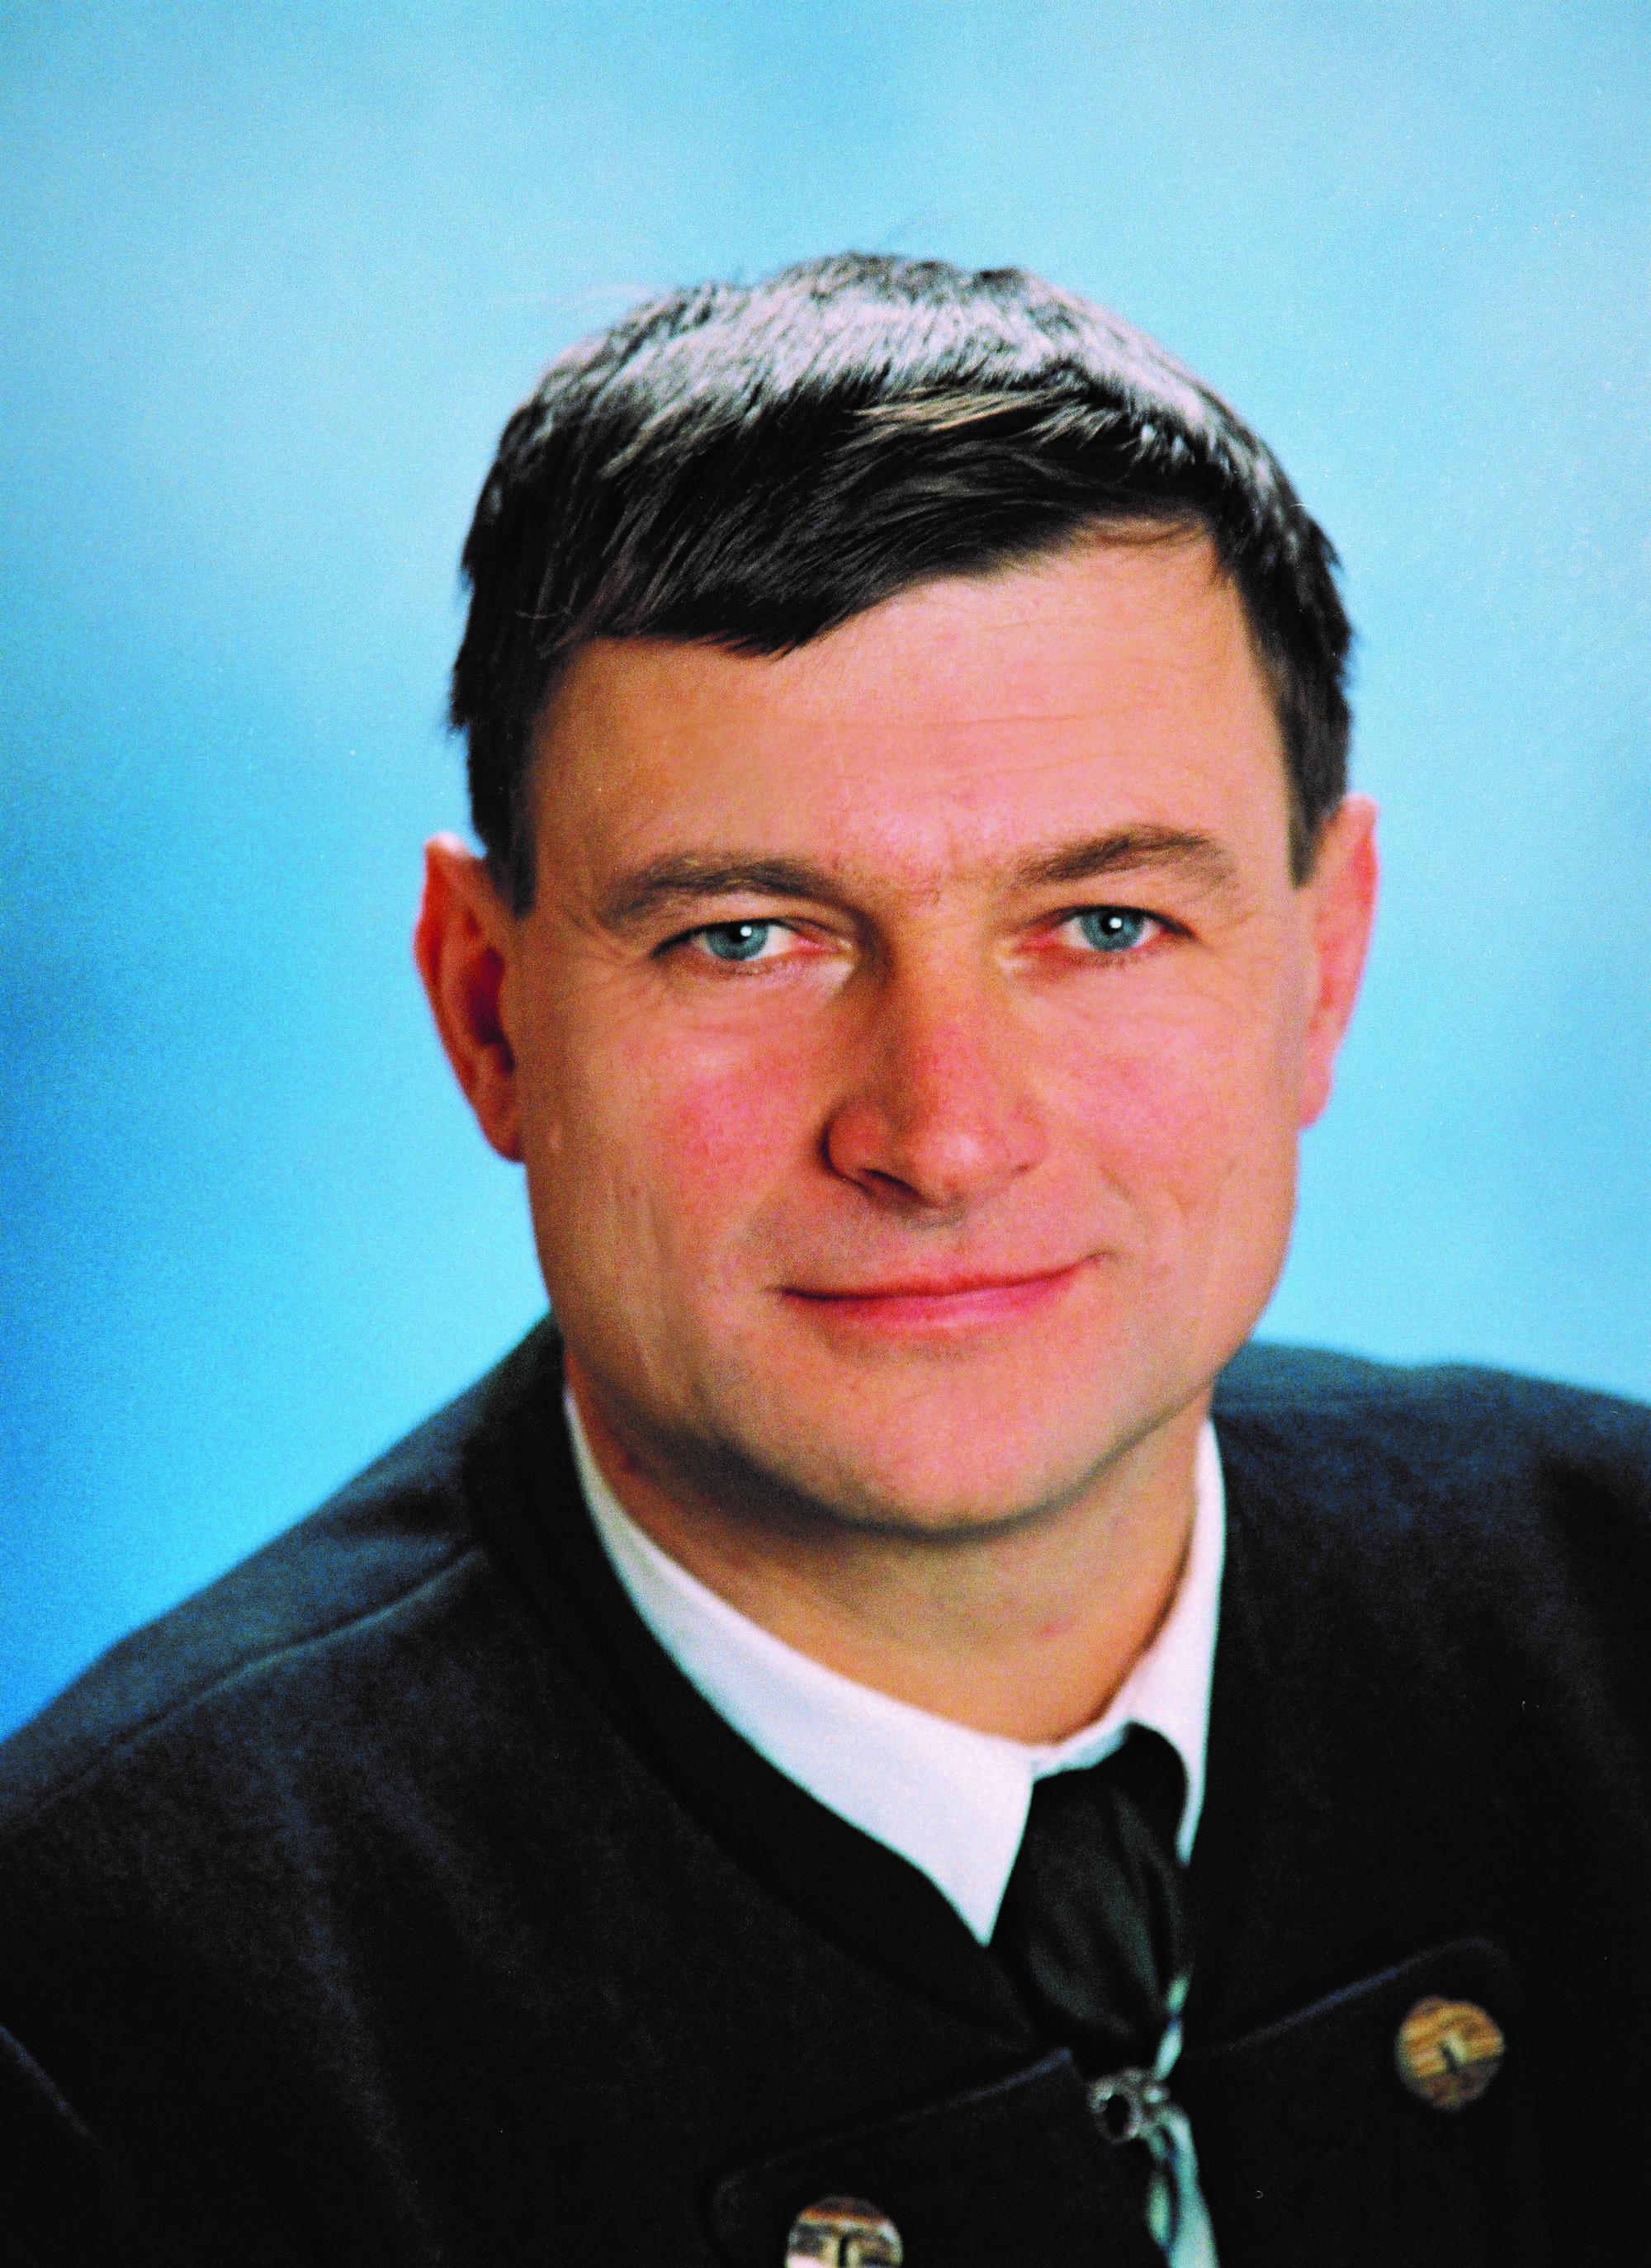 <b>Anton Speer</b> - Anton-Speer